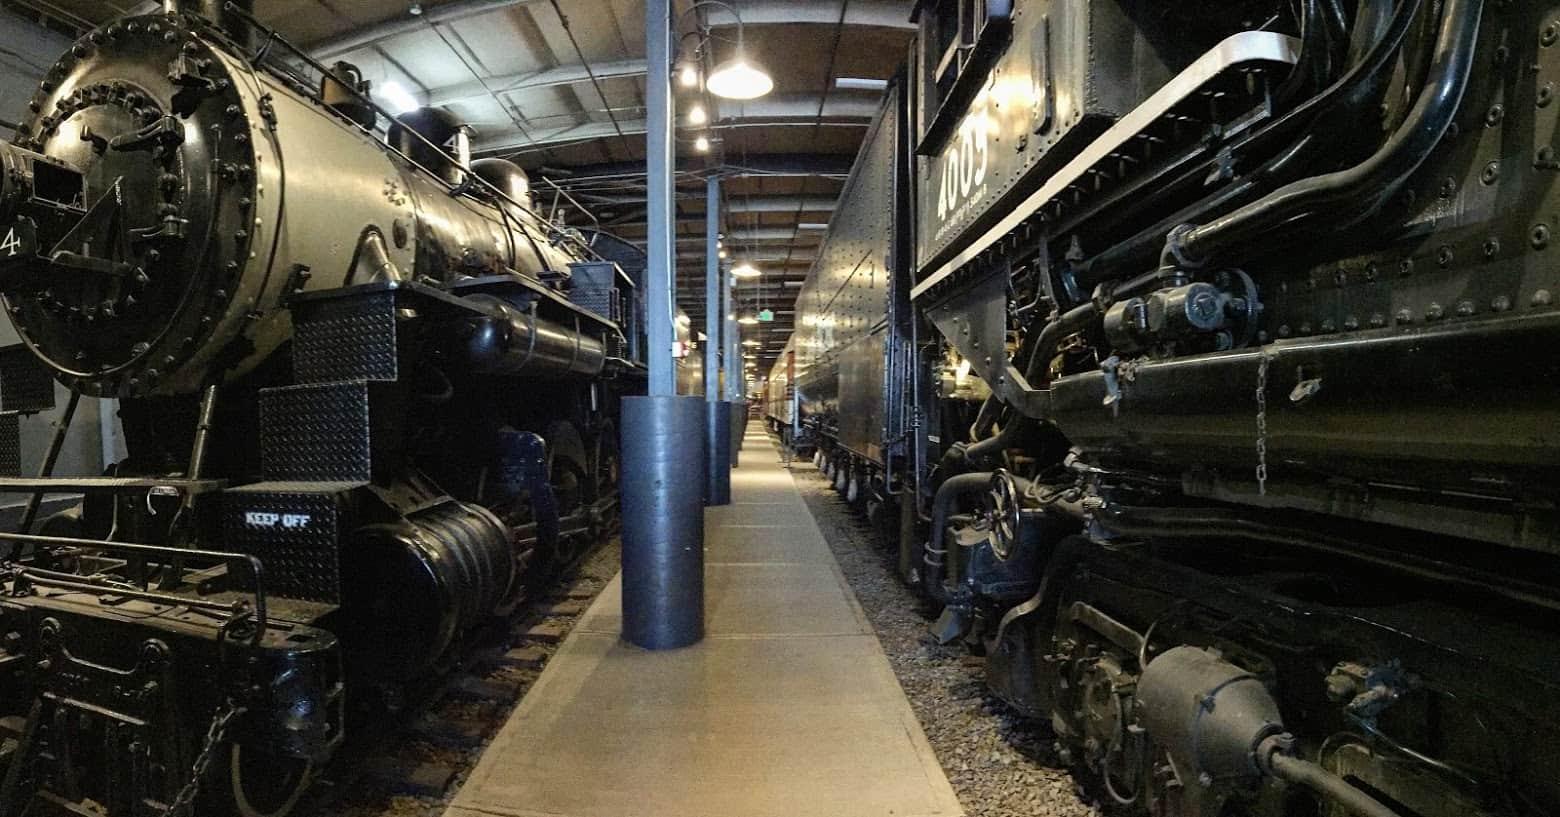 Riding the Railroads in Colorado 1